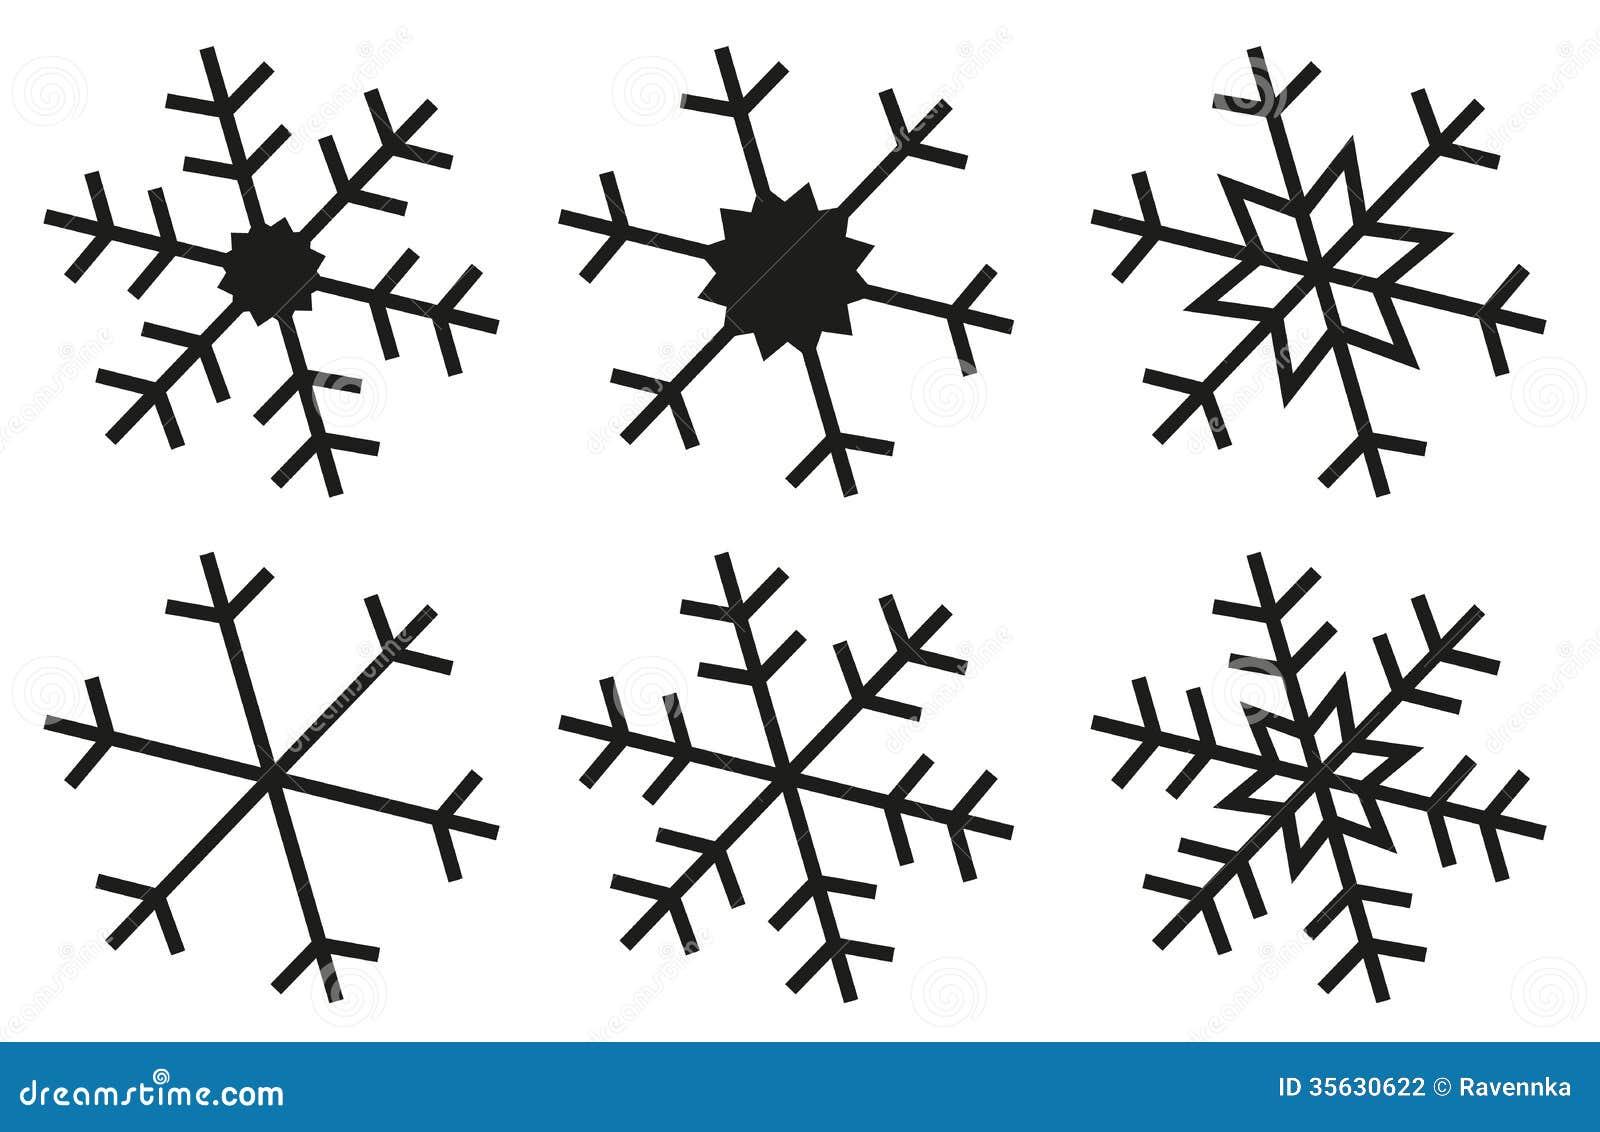 Simple Snowflake Silhouette Snowflake silhouettes